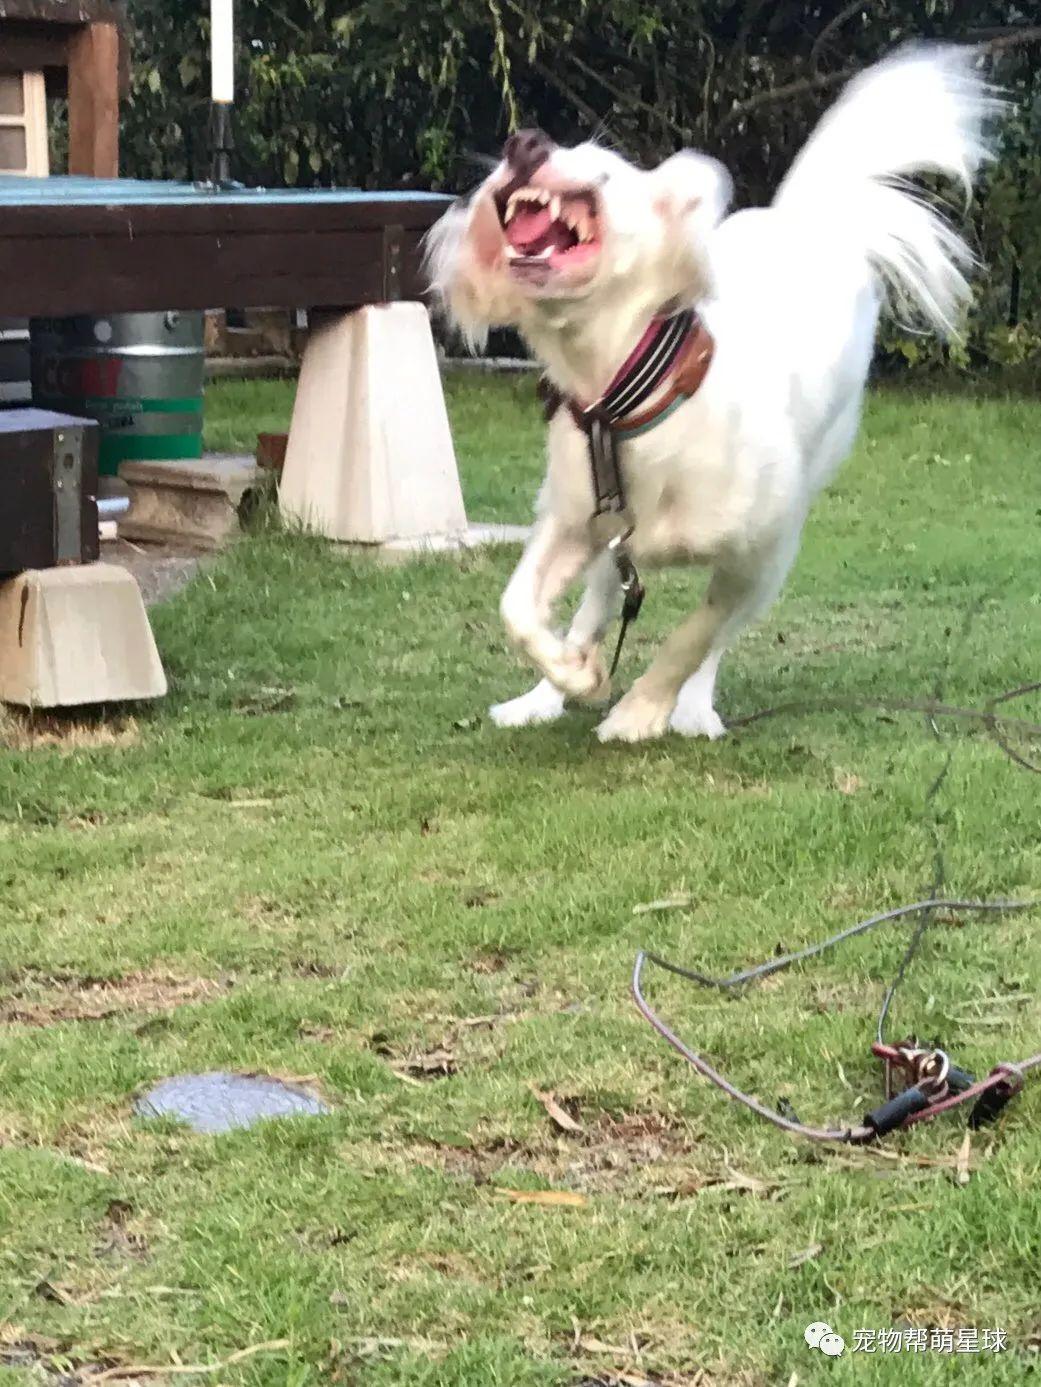 爱犬数张丑照竟一夜流出,面对突然爆火,主人急澄清:它是美少女啦!